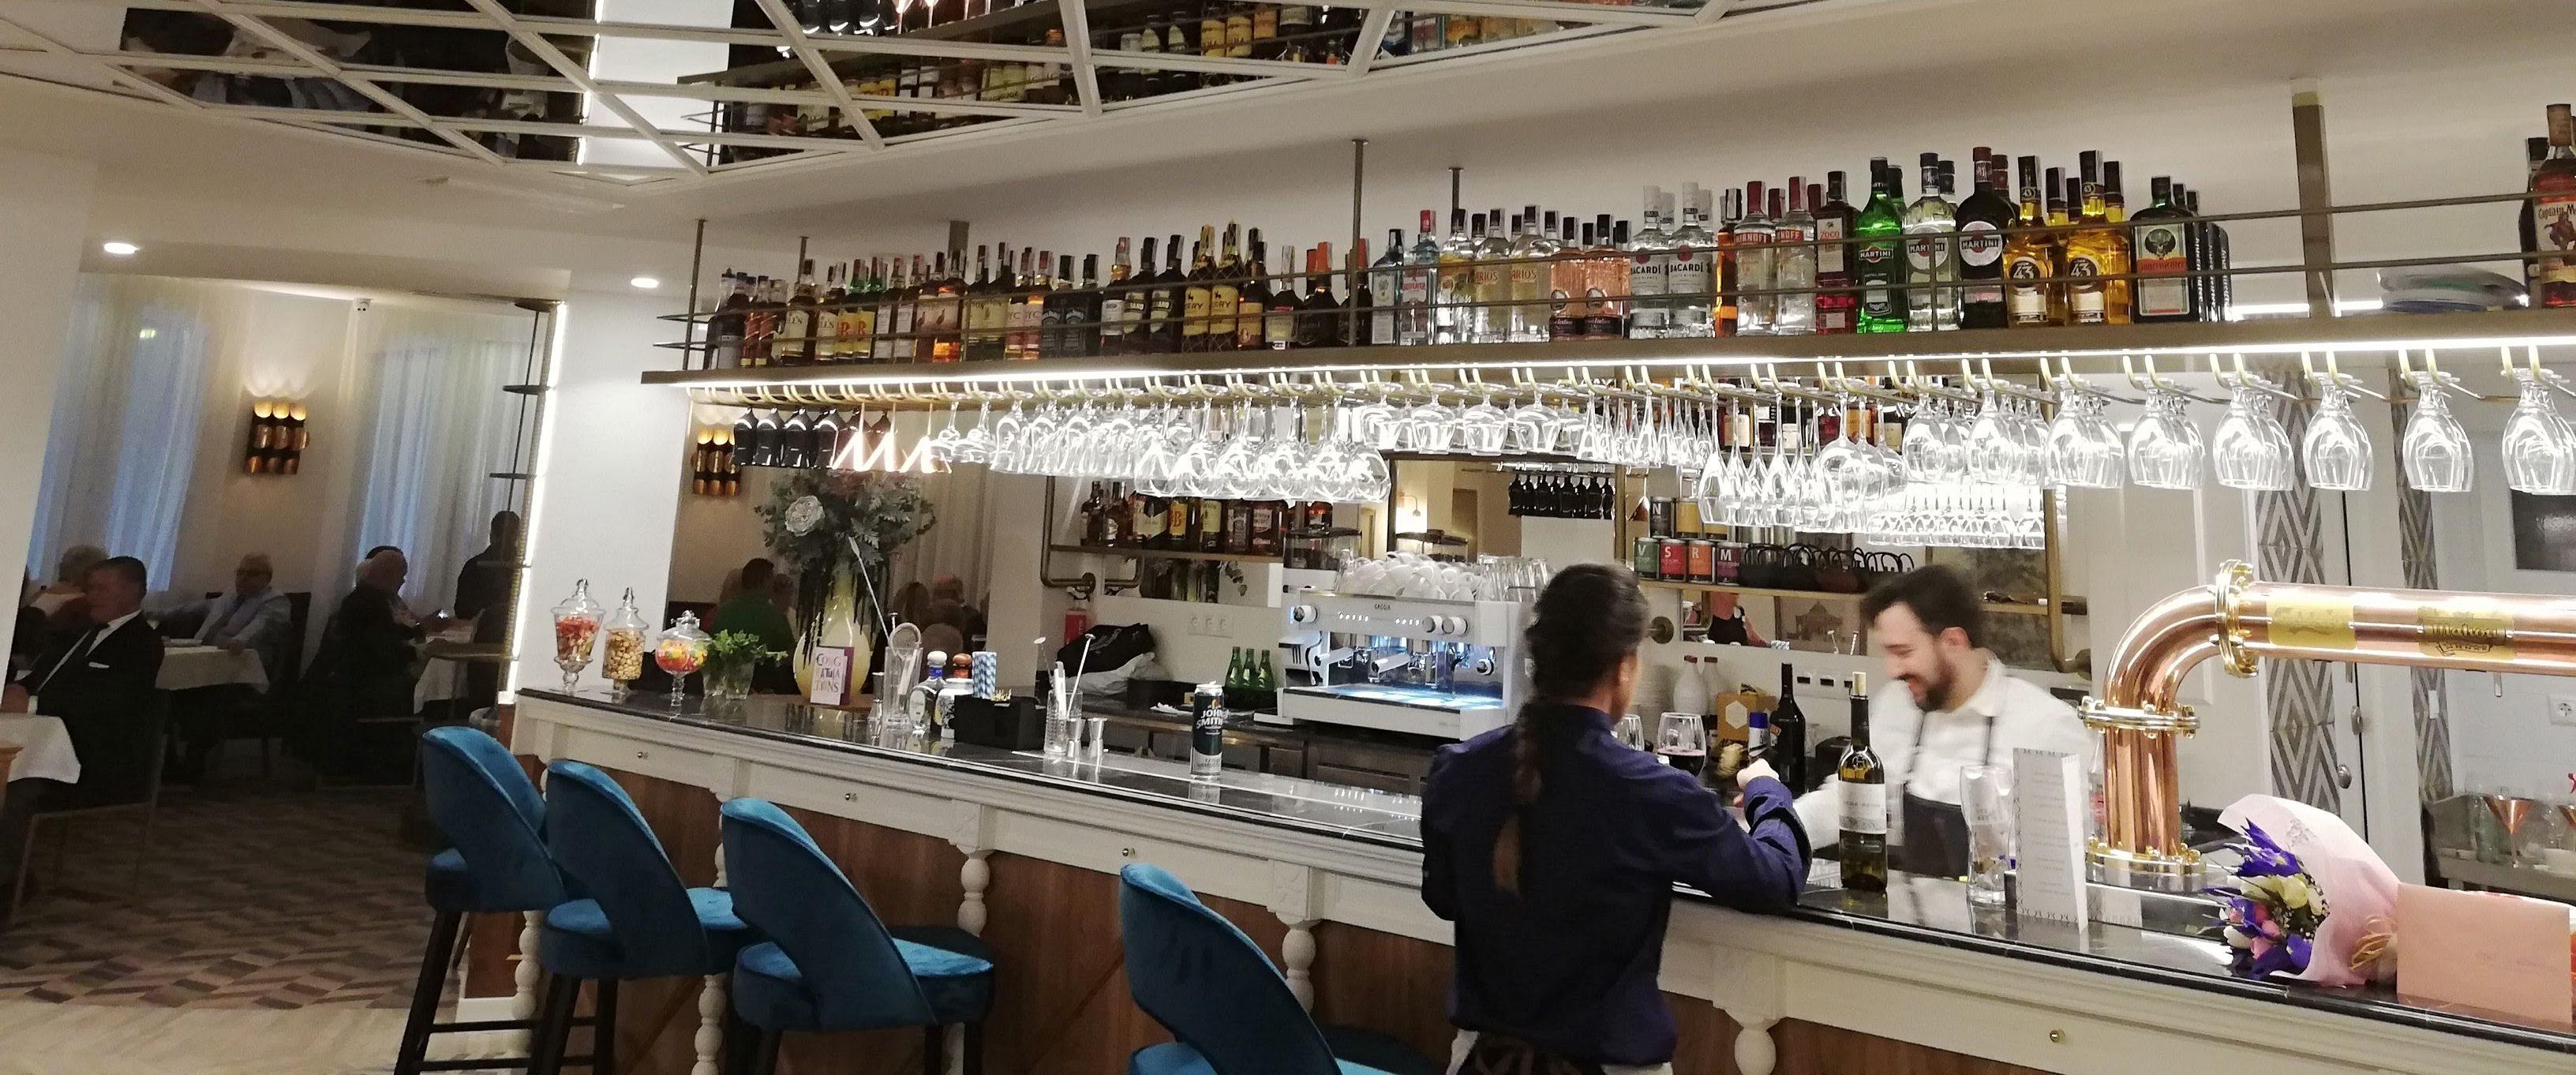 Restaurante Waldemars